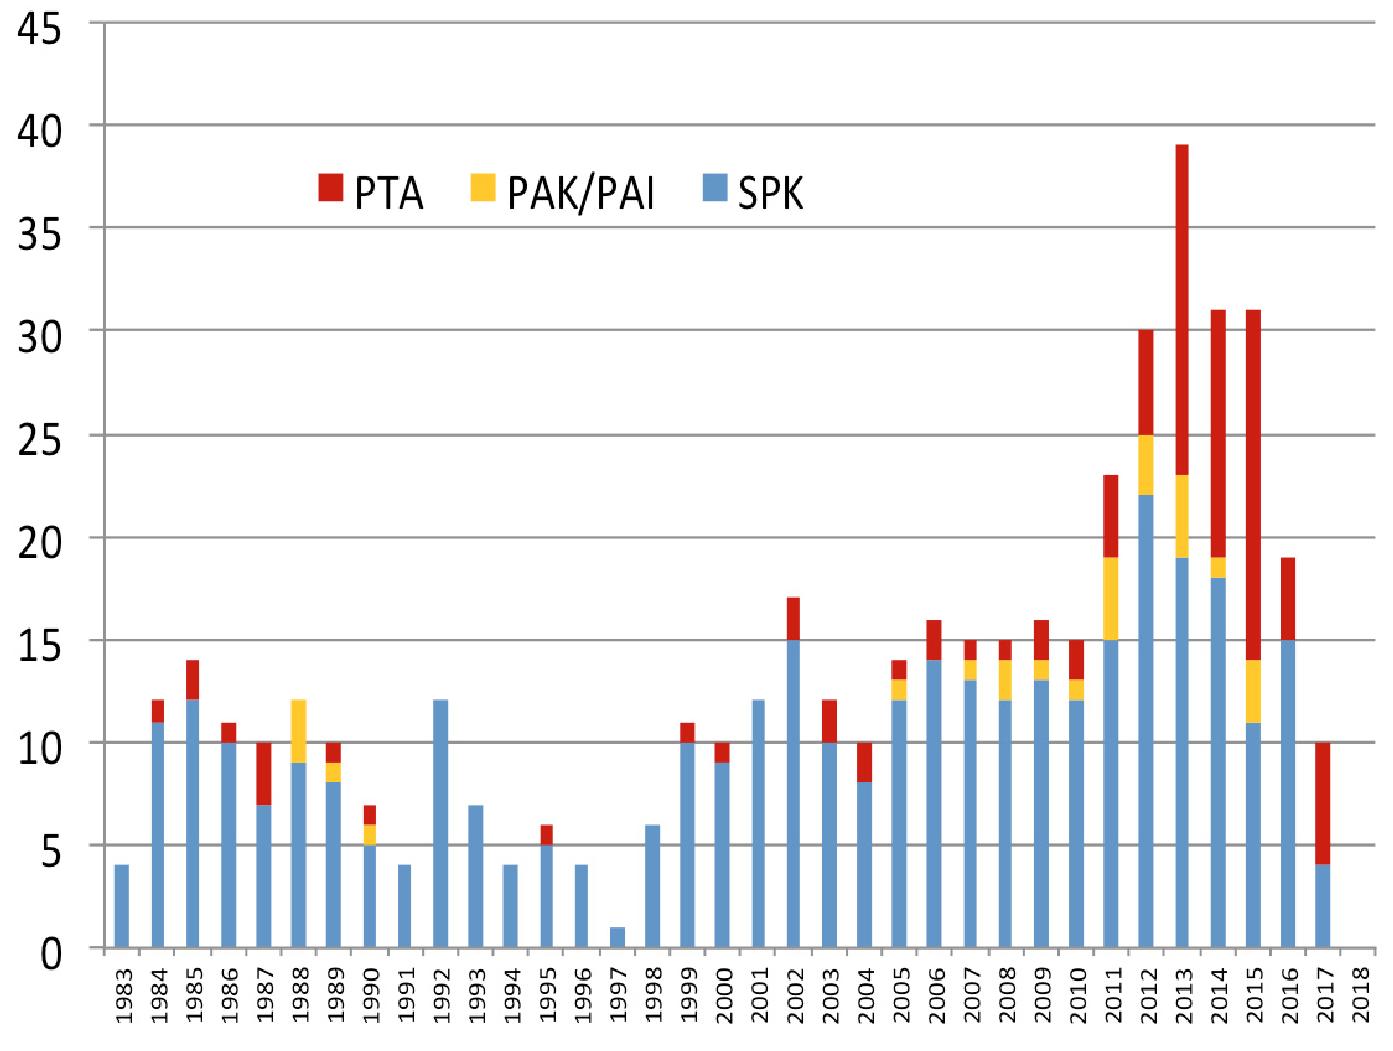 Figur 1. Oversikt over Pancreastransplantasjonsvirksomheten i Norge siden 1983 og frem til medio april 2017. Merk den markante økningen i singel Ptx (PTA, PAK, PAI)